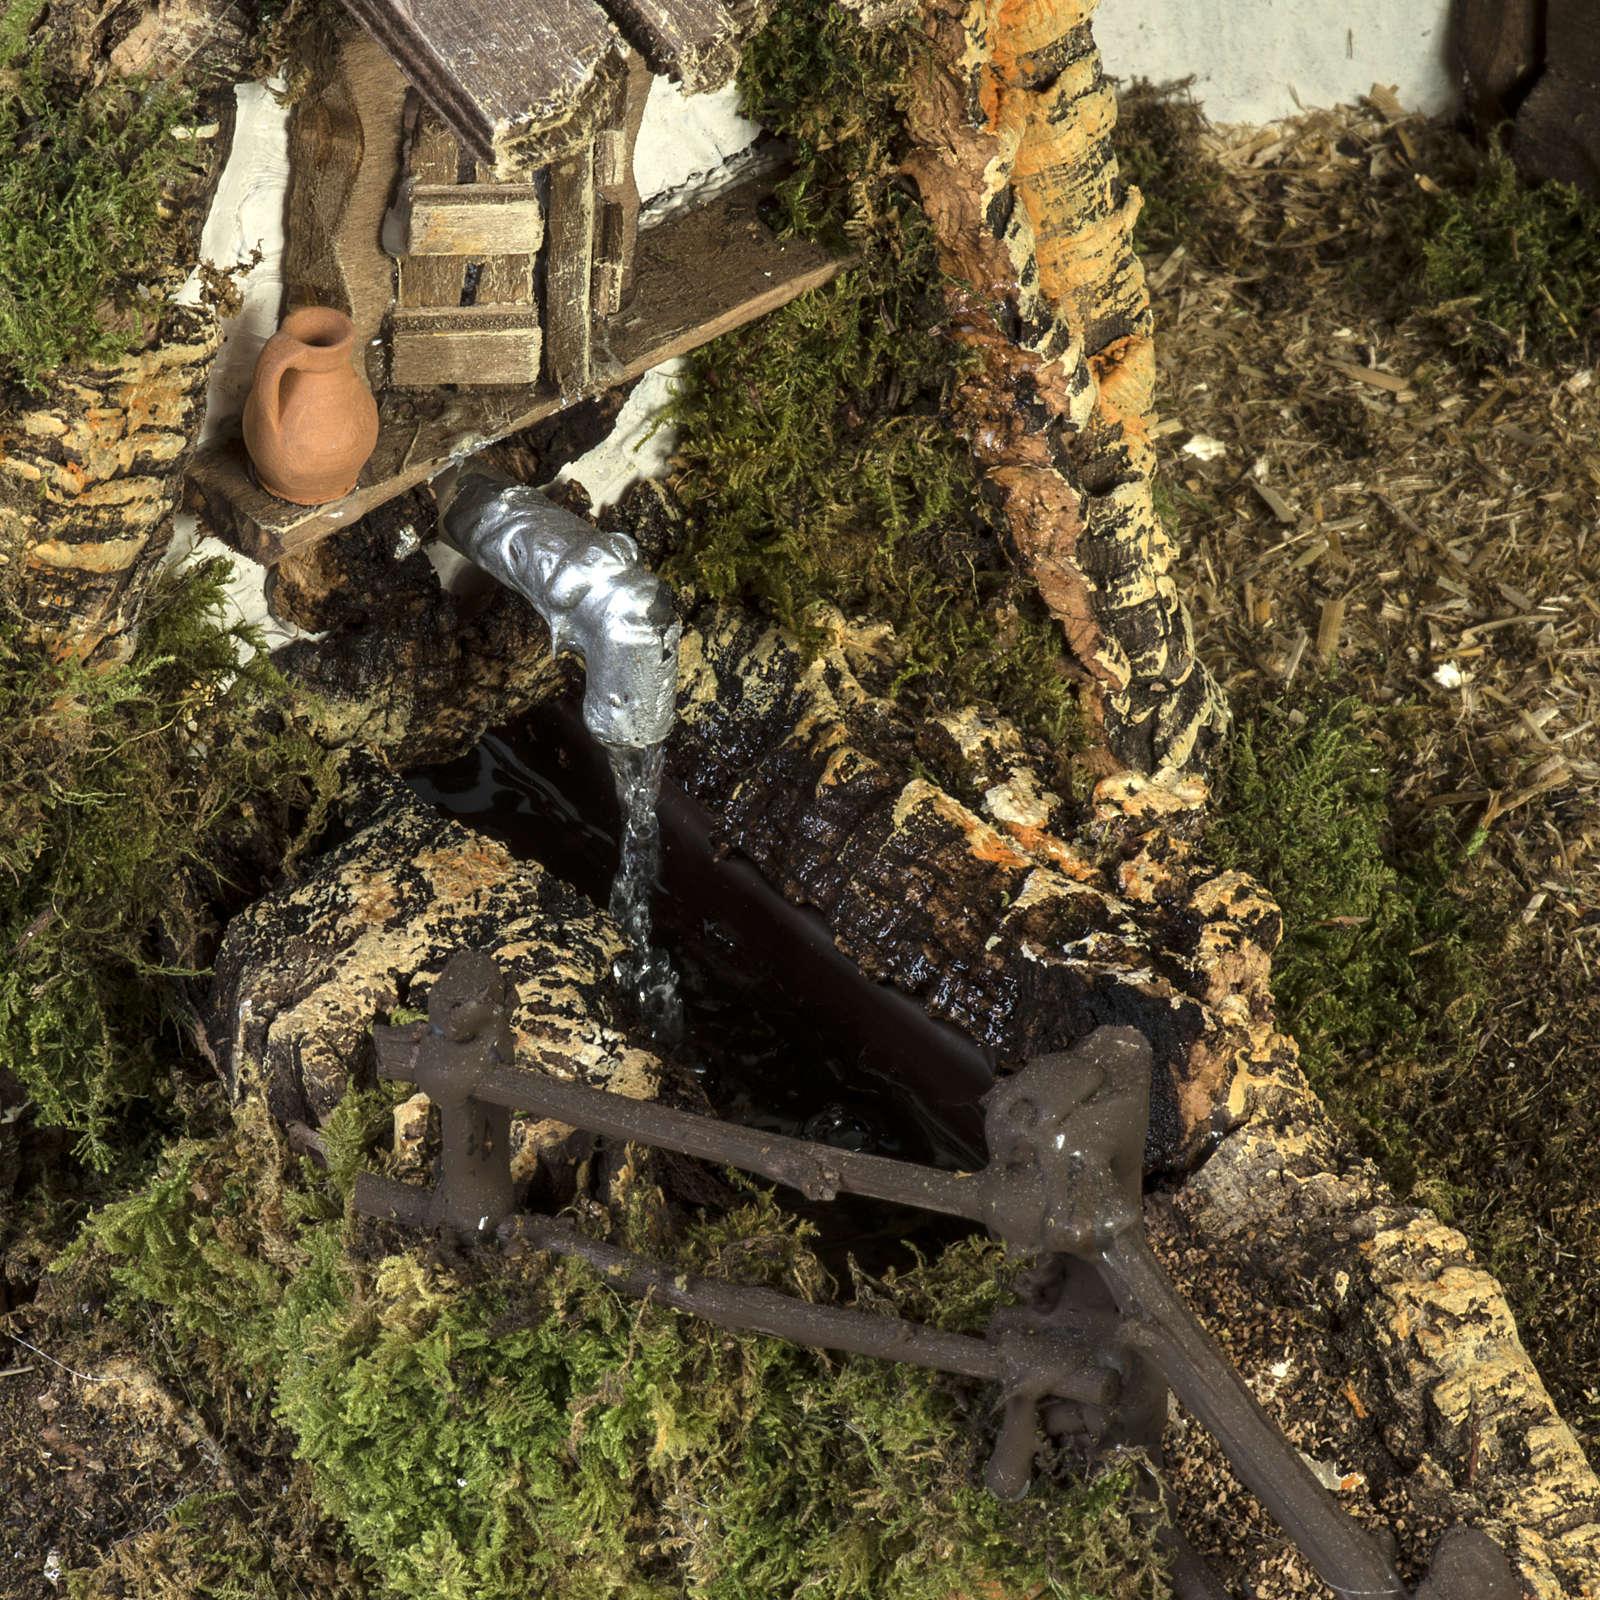 Cabane crèche Noel style chalet avec fontaine 56x48x38cm 4